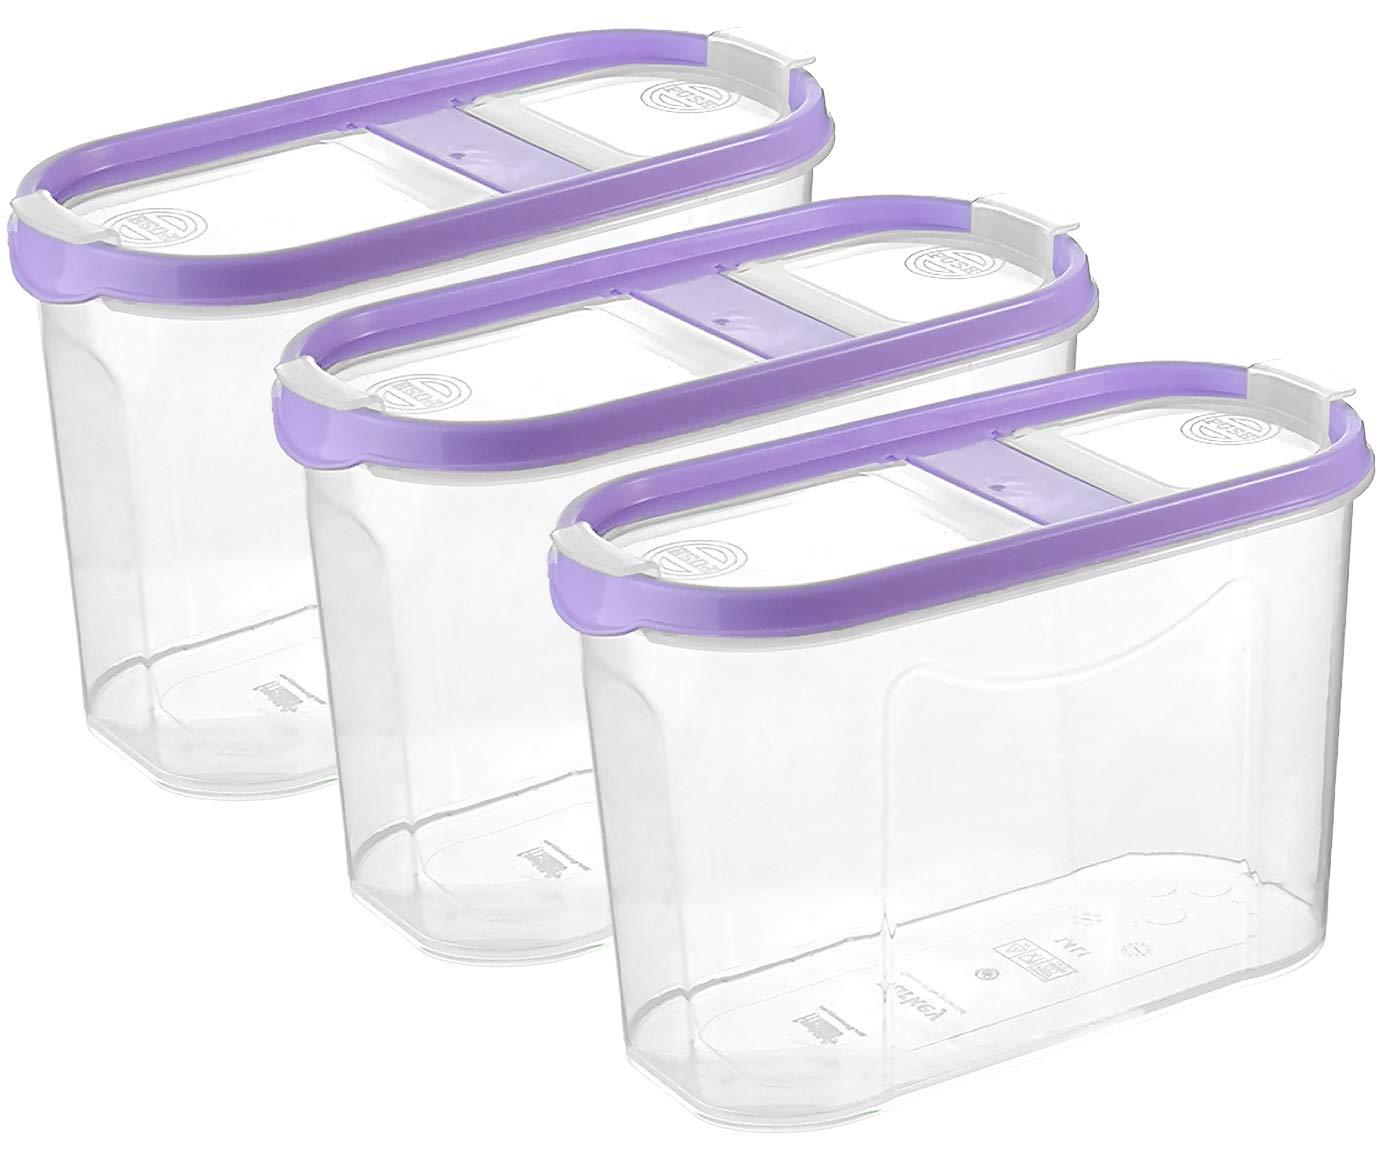 3, 1,4L - Mix 2 Aufklappbare Deckel My-goodbuy24 Sch/üttdosen f/ür M/üsli stapelbar 3er Set Cornflakes Vorratsdosen f/ür Lebensmittel Frischhaltedosen Streudosen Sp/ülmaschinenegeeignet